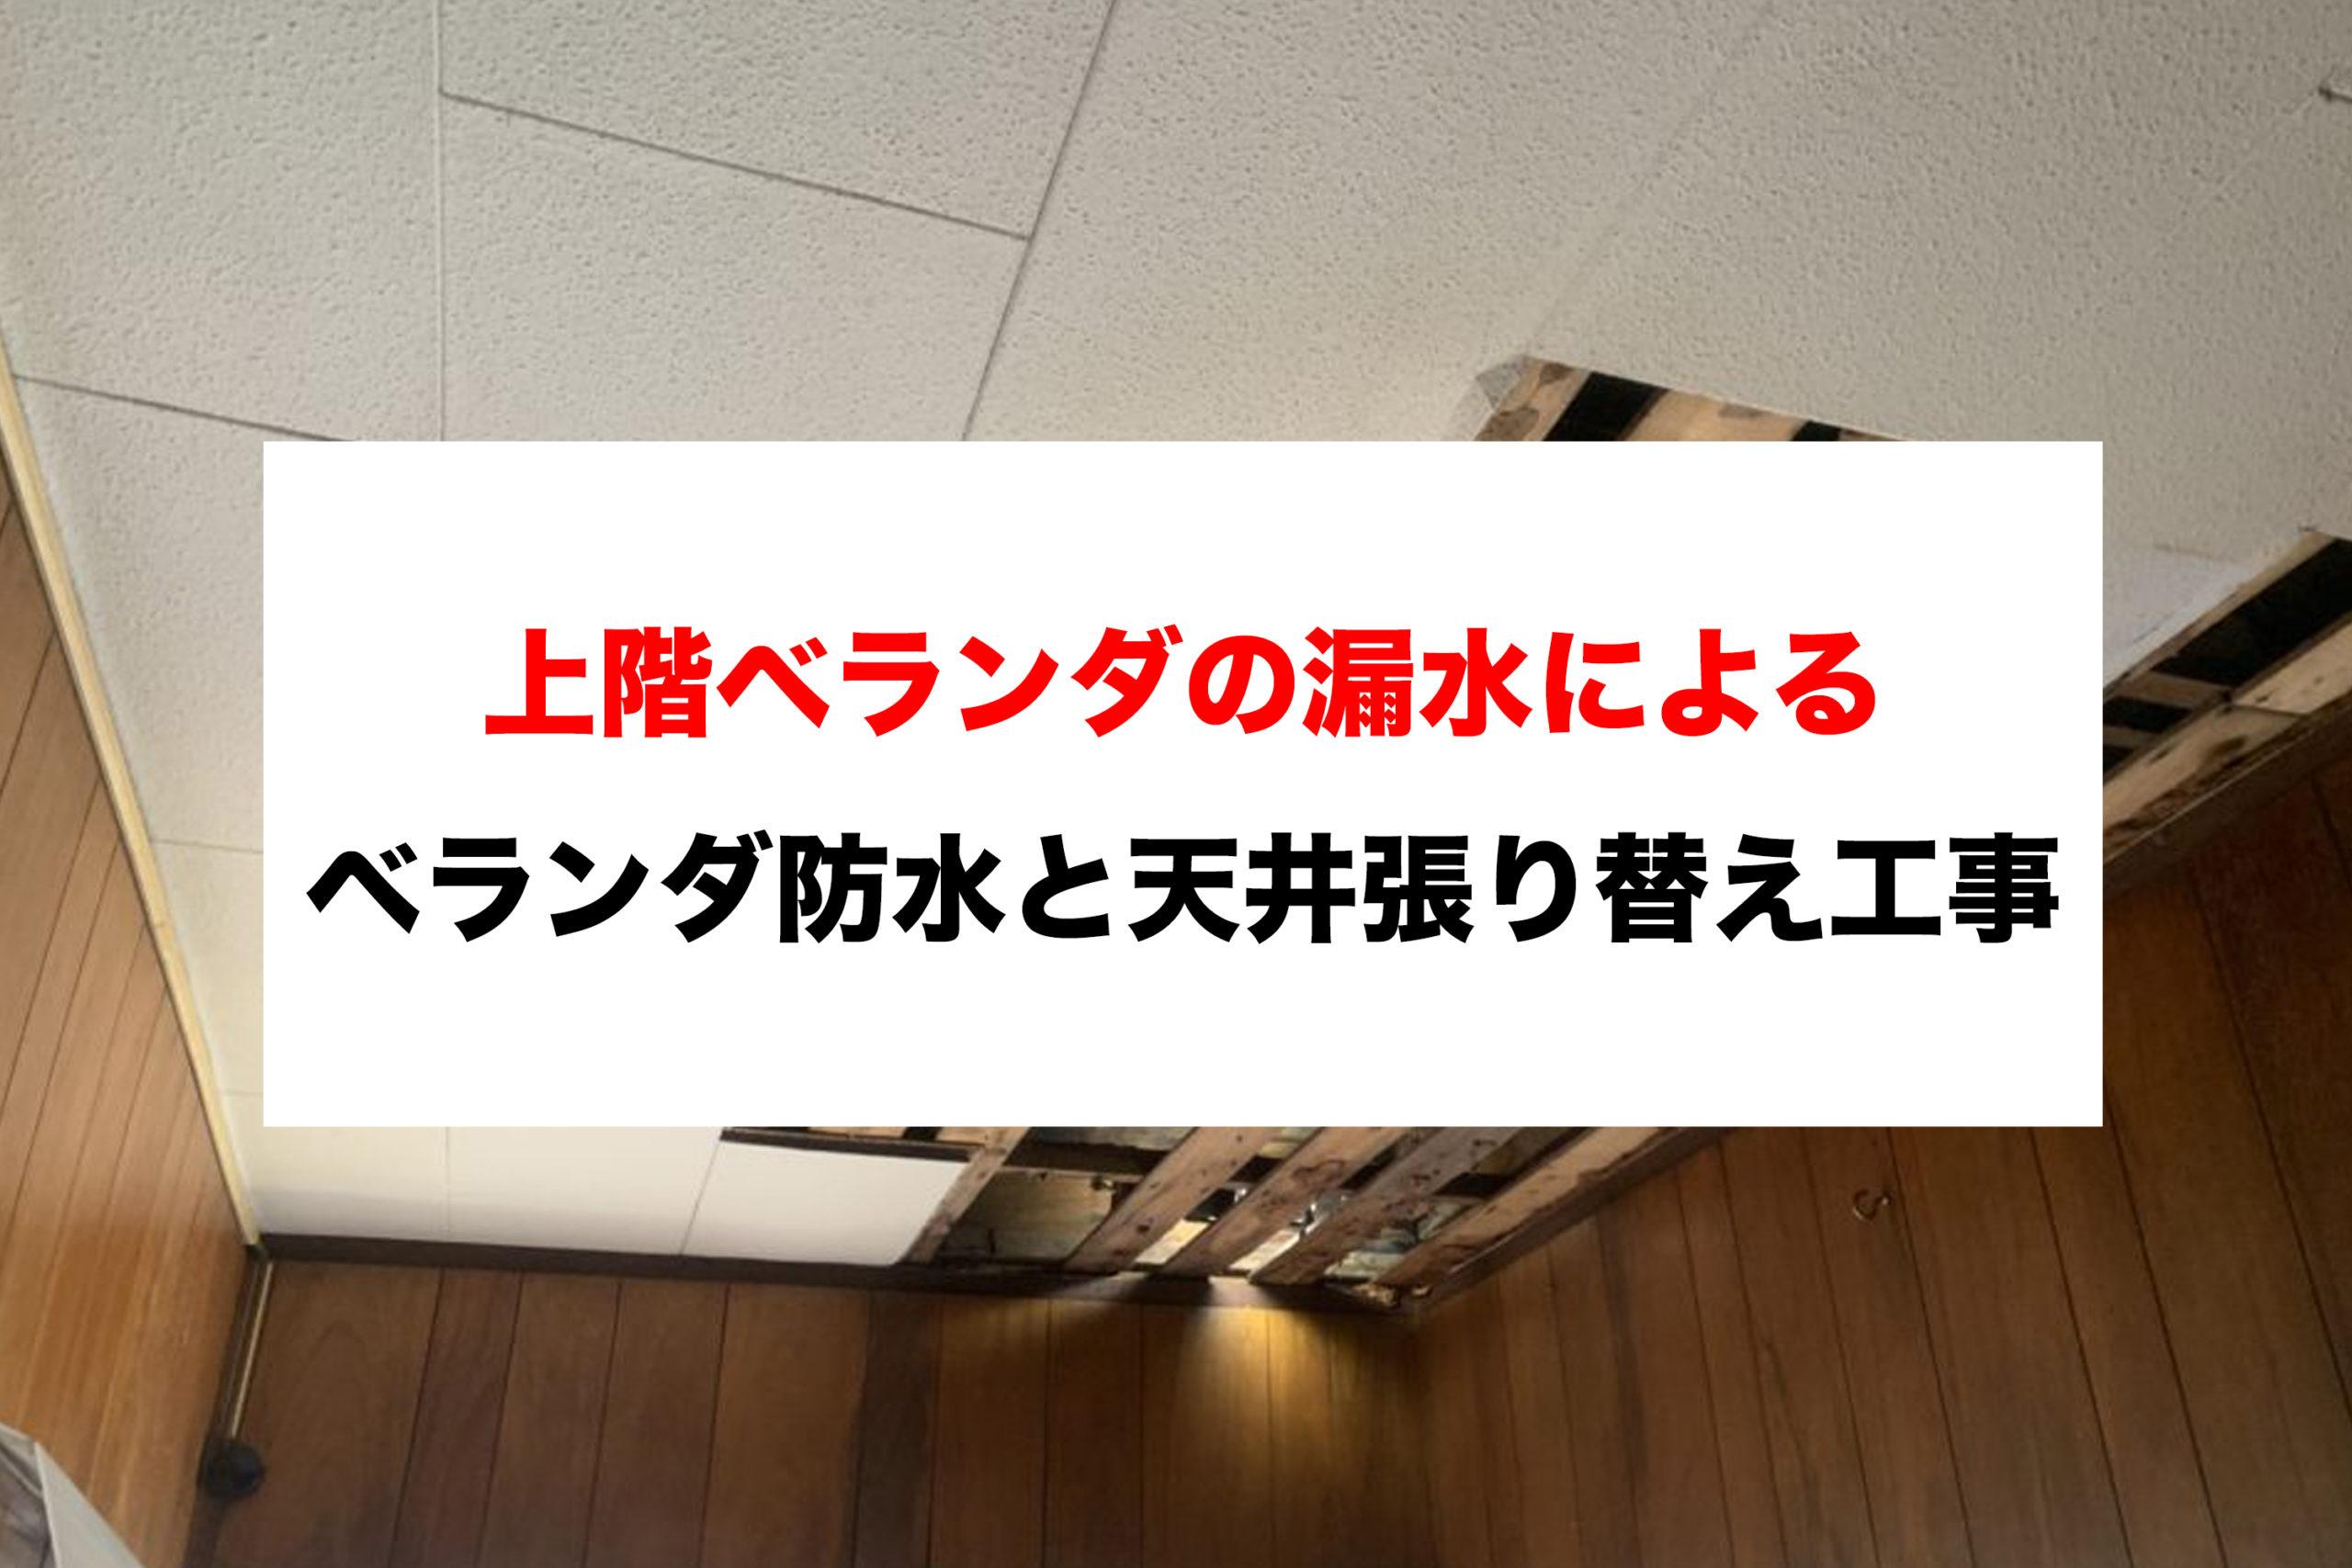 上階ベランダの漏水によるベランダ防水と天井張り替え工事